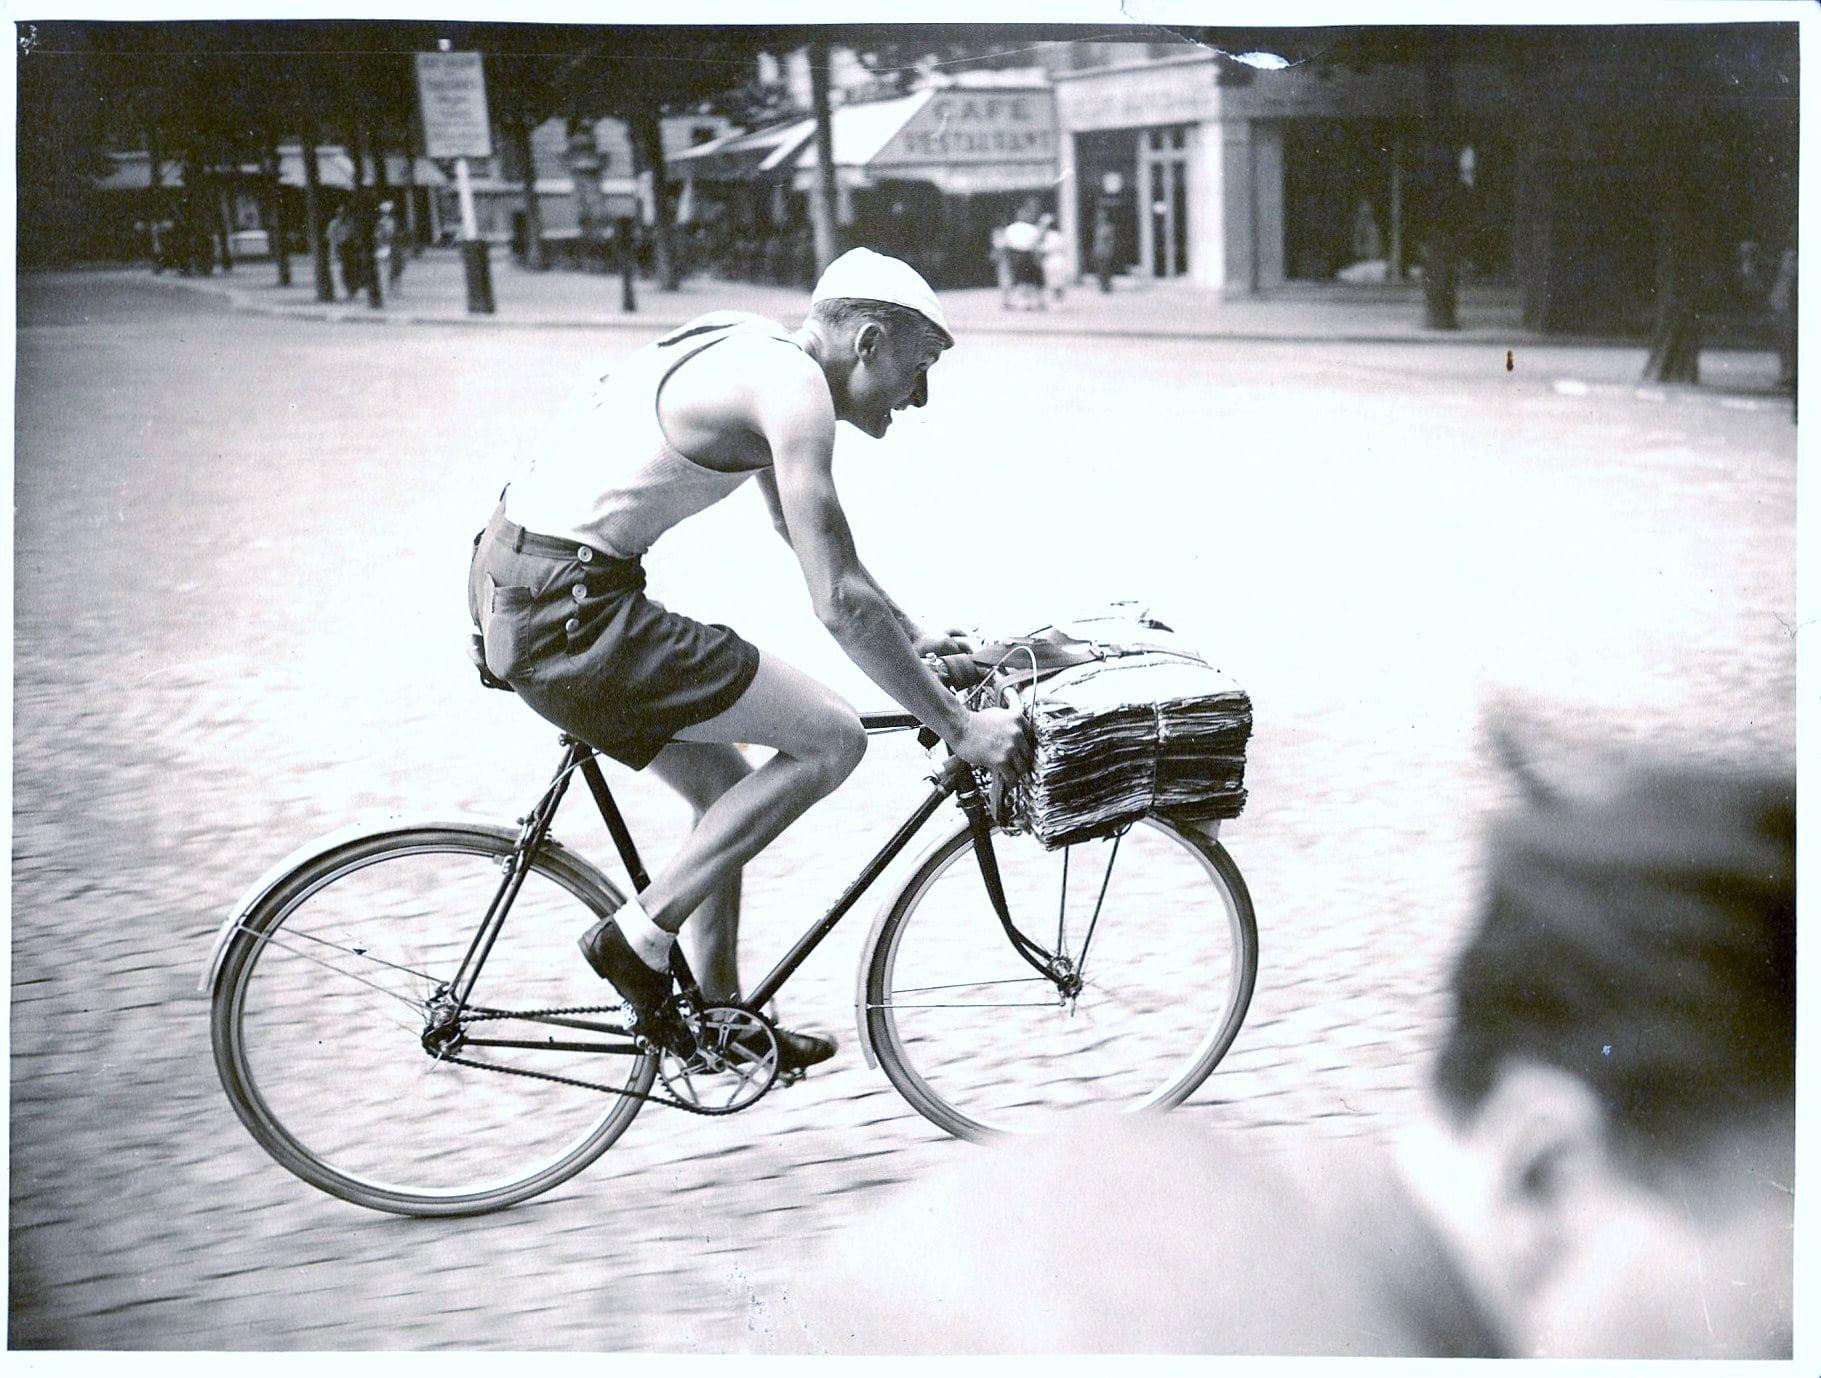 Roger Mace. Course des porteurs. Arrivee au Trocadero, Paris 1942.